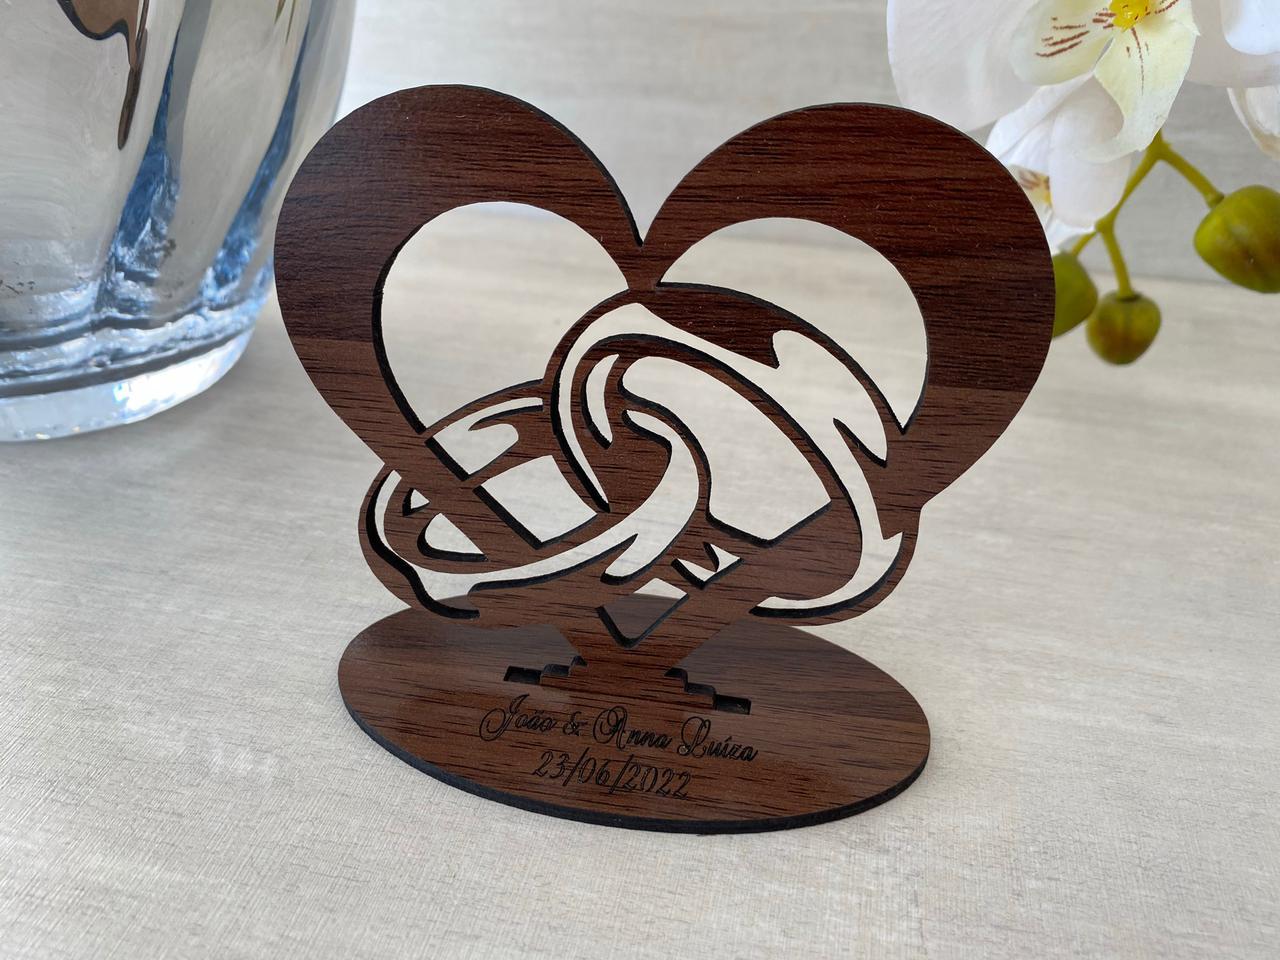 Ref. 006 - Kit Lembrancinhas de Casamento MDF Laminado Madeira Coração